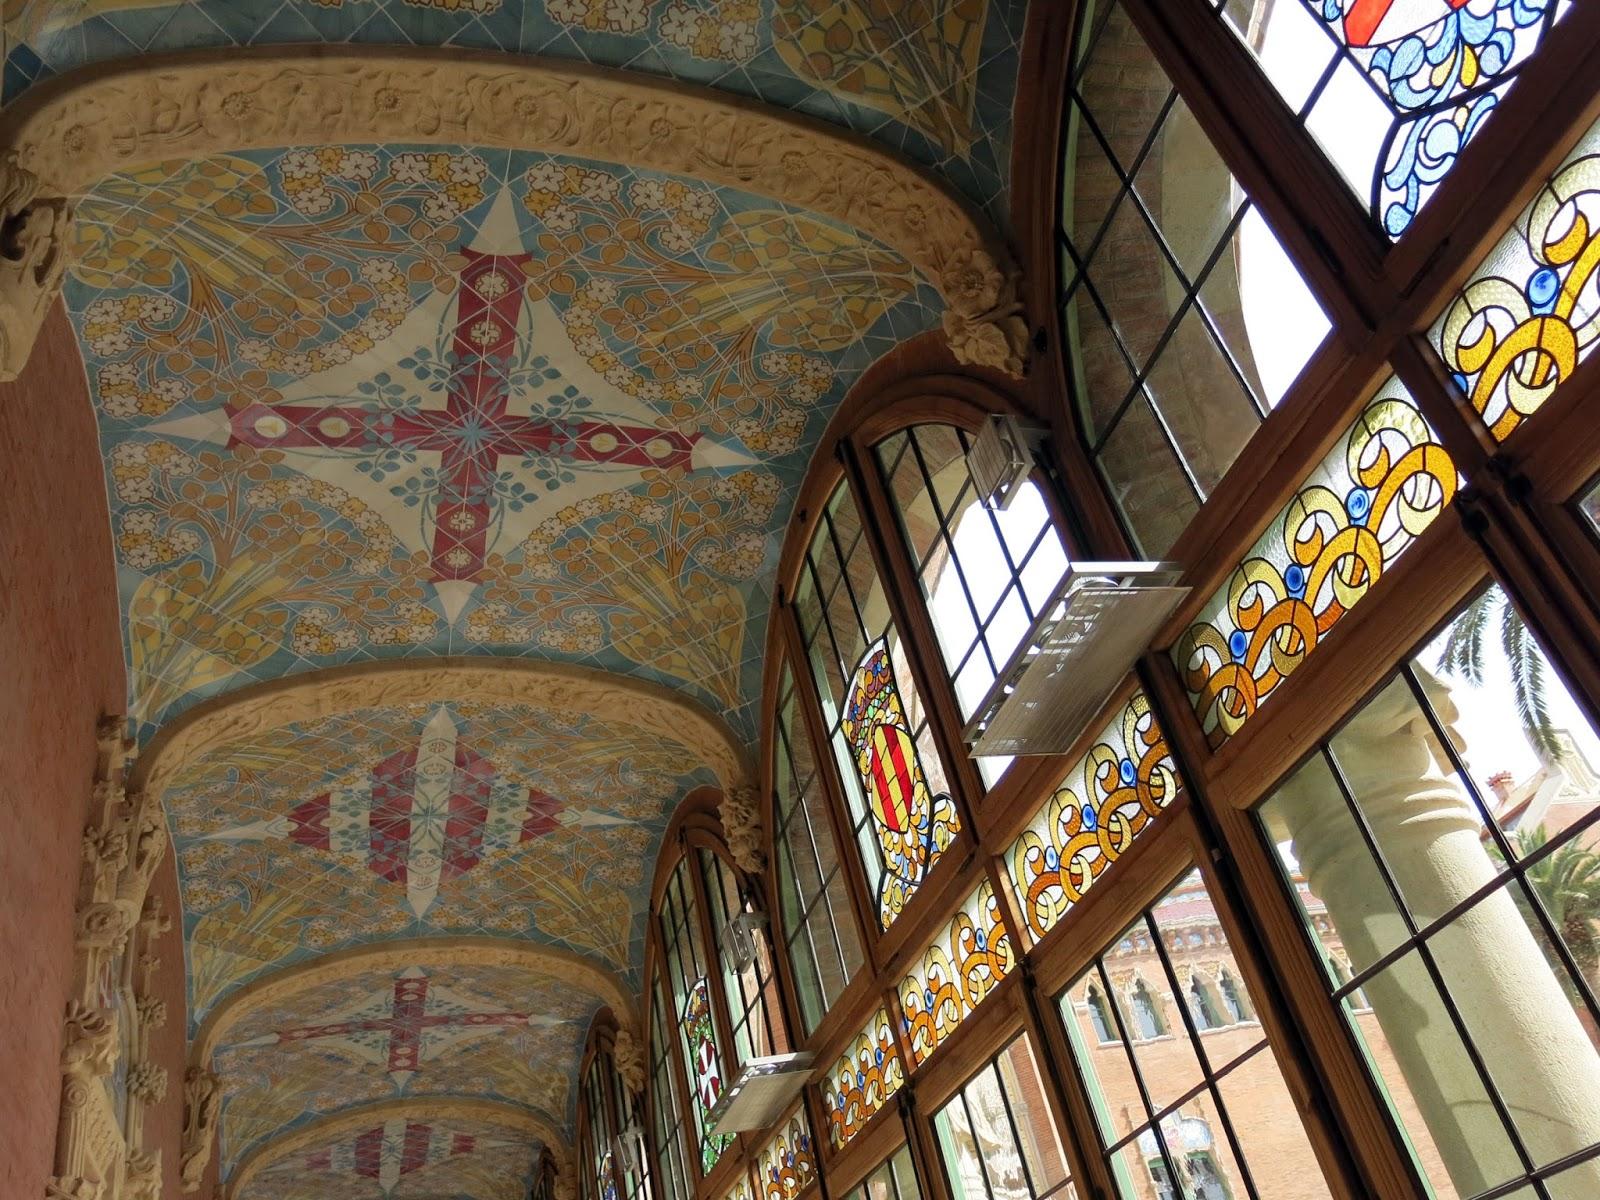 bveda del pasillo de entrada al colegio mayor obsrvese la profusa y colorista decoracin del techo y de los dinteles de las puertas y de los vidrieras